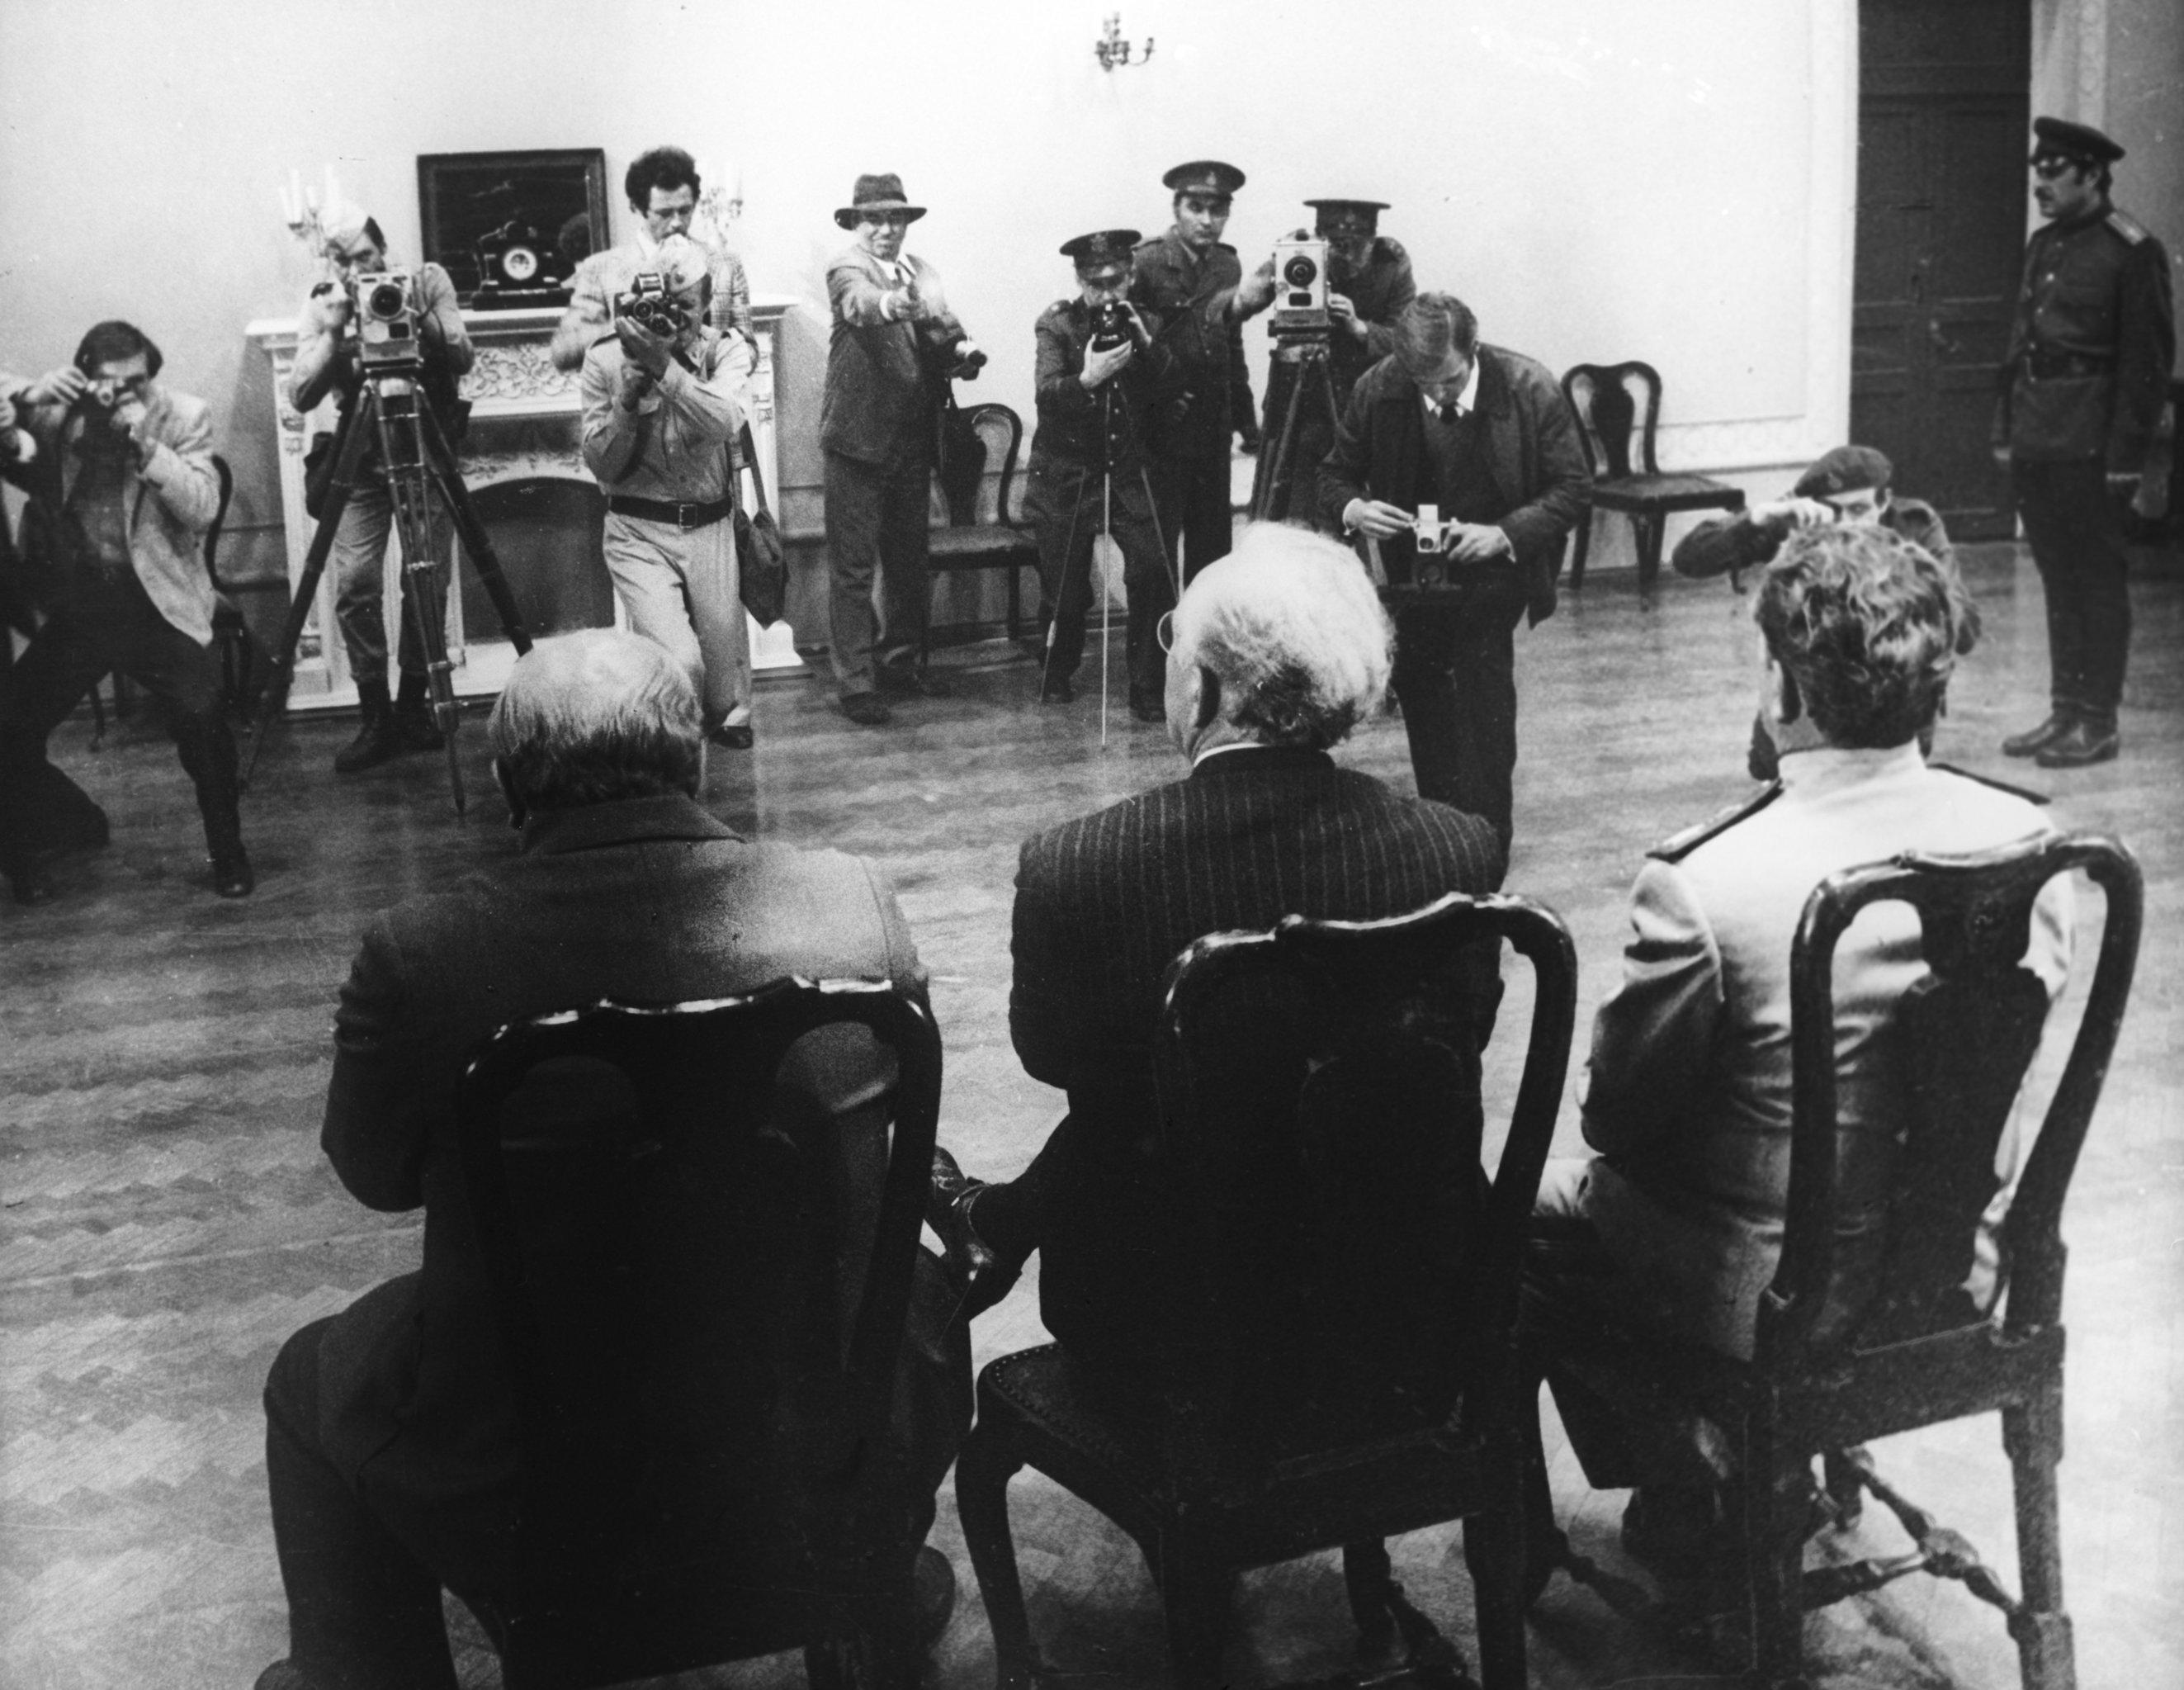 Un quadro del film Teheran 43, 1981